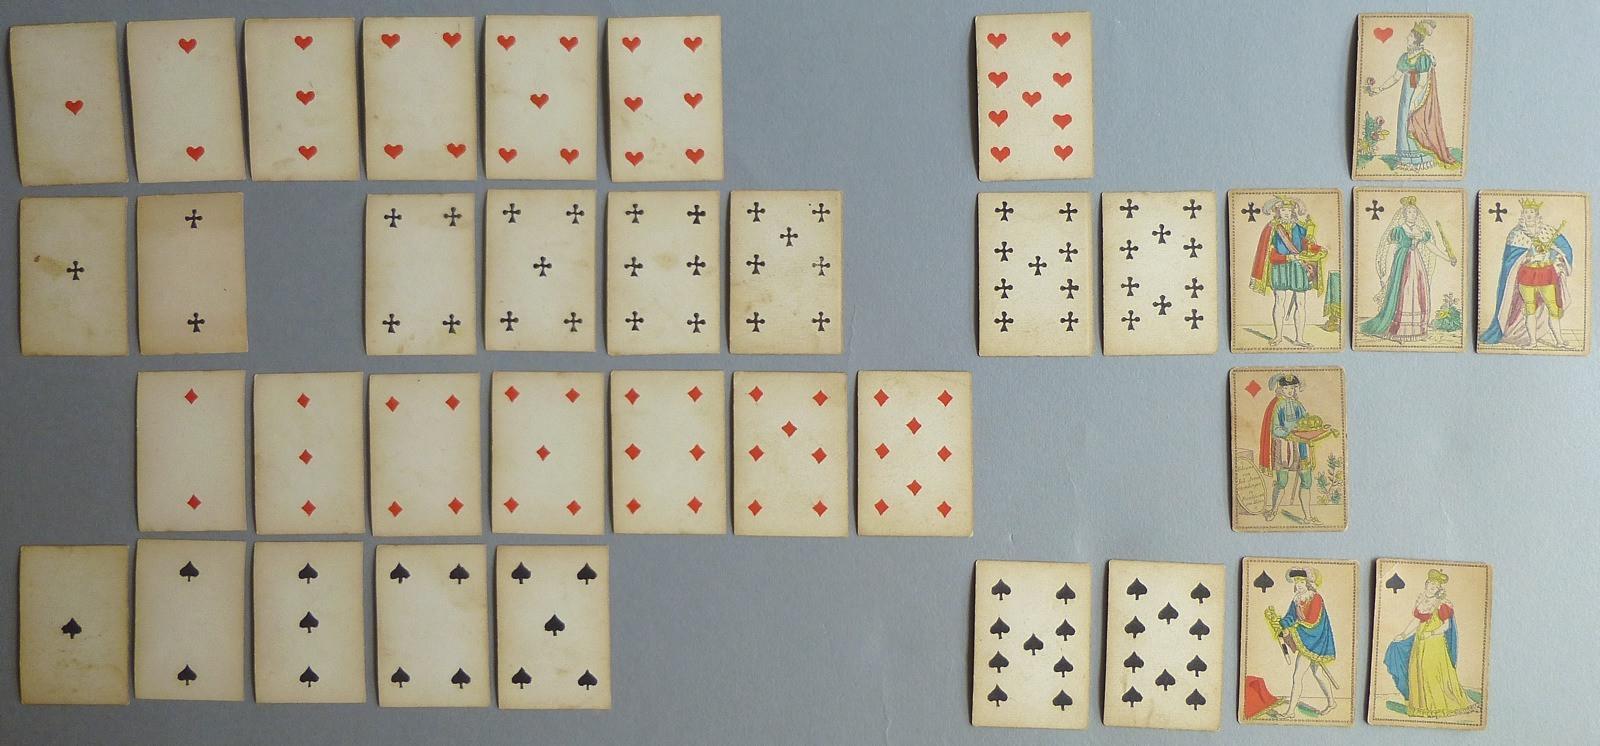 Jeu de cartes miniatures aux enseignes françaises_0